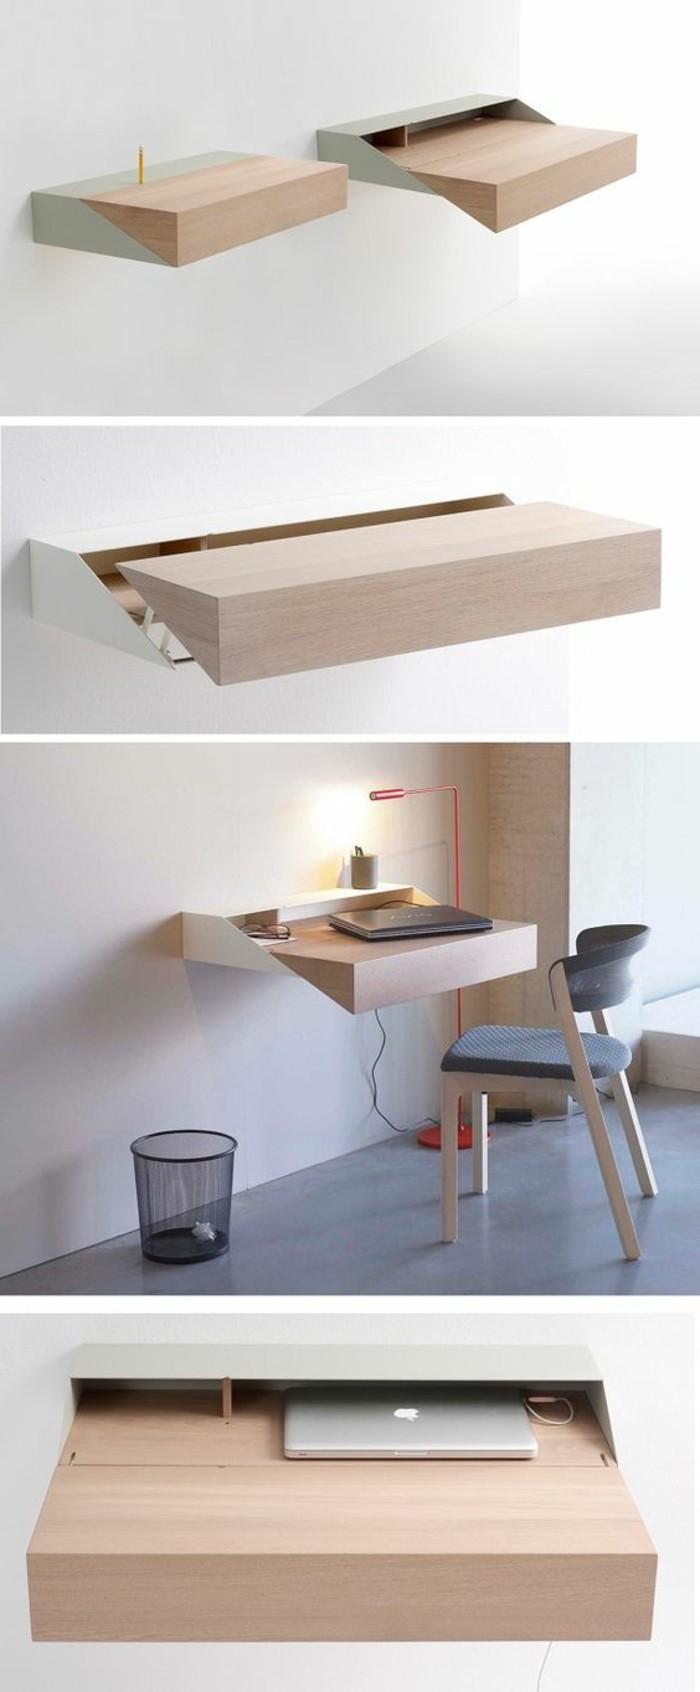 0-console-extensible-ikea-design-mural-en-bois-clair-meubles-murals-nos-idées